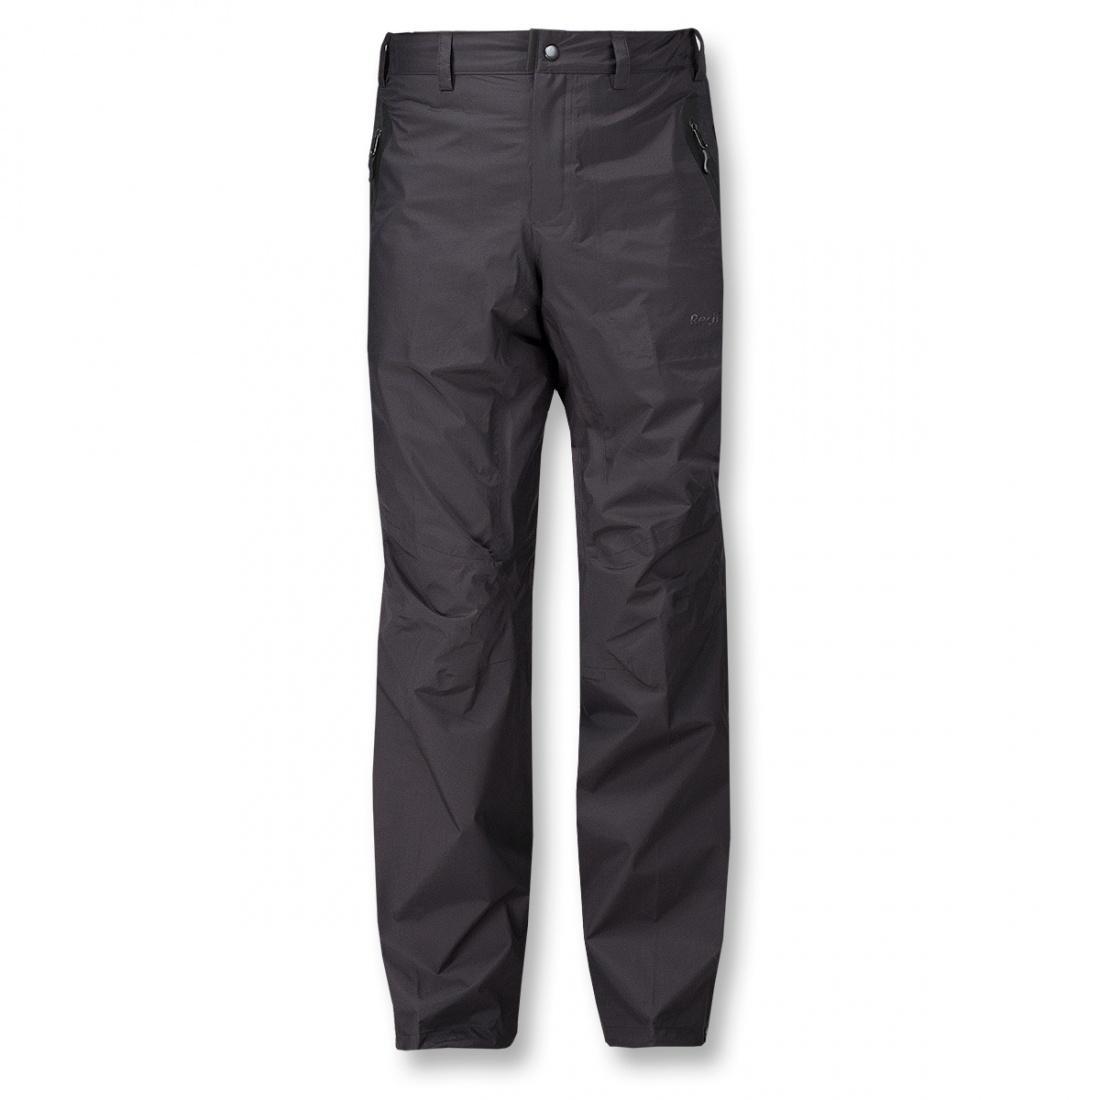 Брюки ветрозащитные Kara-Su 08Брюки, штаны<br>Очень легкие современные штормовые брюки Red Fox Kara-Su 08 из серии Nordic Style, помещающиеся даже в карман куртки, созданы в дополнение к куртке &lt;a href=/...<br><br>Цвет: Черный<br>Размер: 44